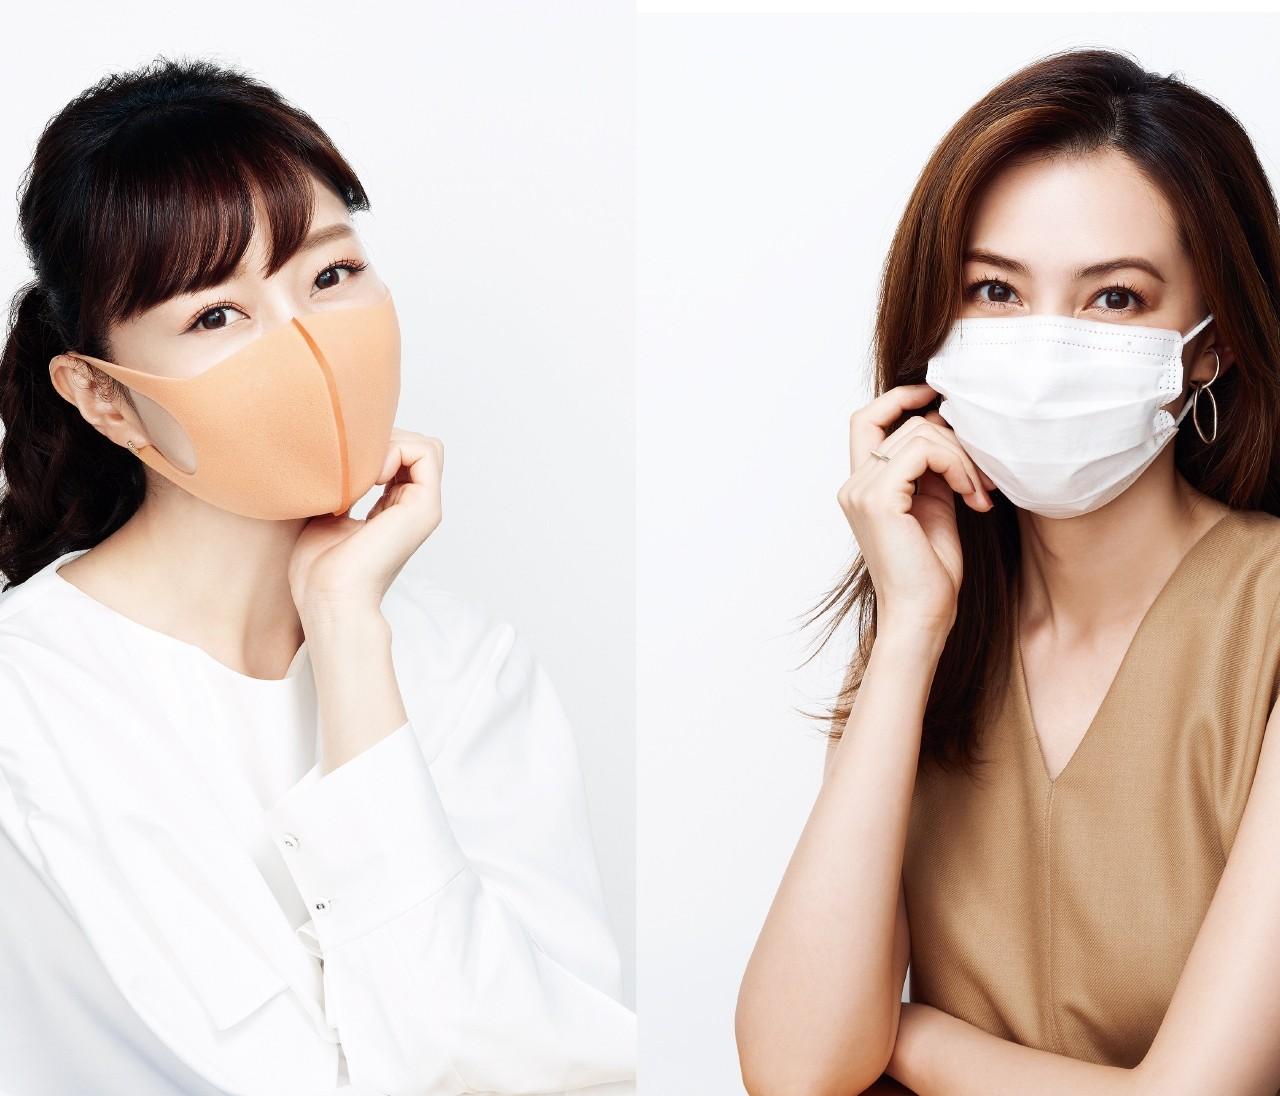 【マスク時代の下半顔エイジングまとめ】美容プロ直伝ケア&最新スキンケアコスメを一気見!